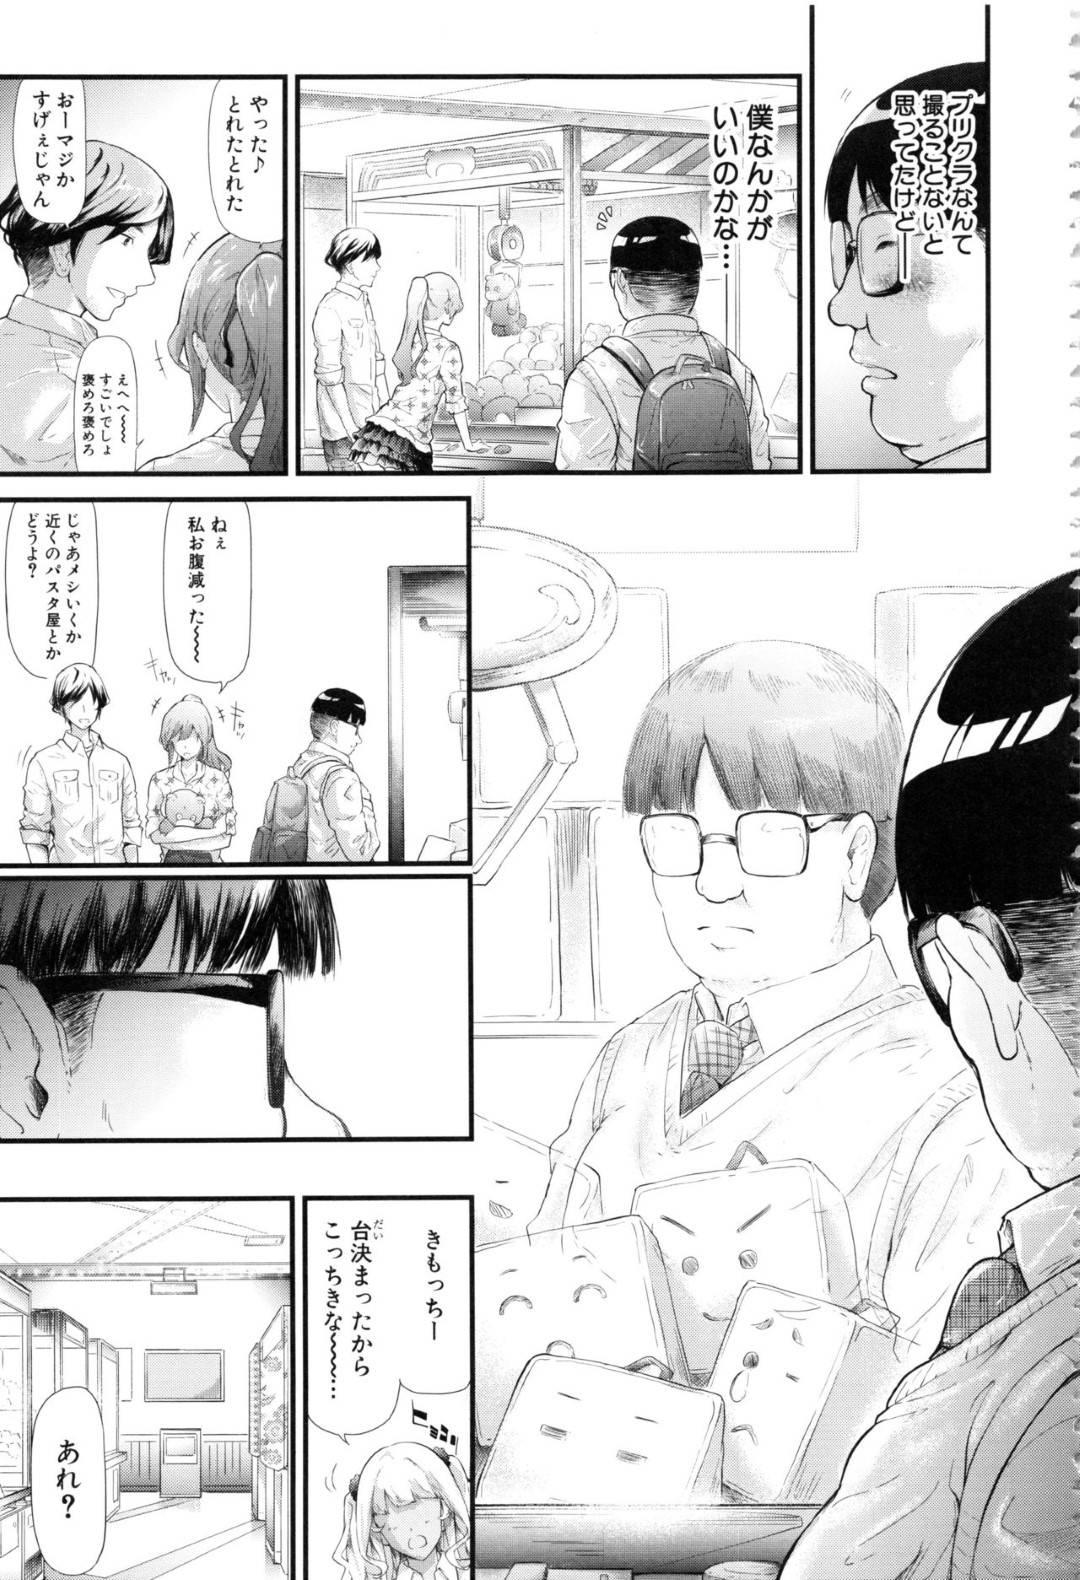 【ギャルエロ漫画】編入してきた田辺はギャルの理香と打ち解け童貞卒業イチャラブセックス【史鬼匠人】